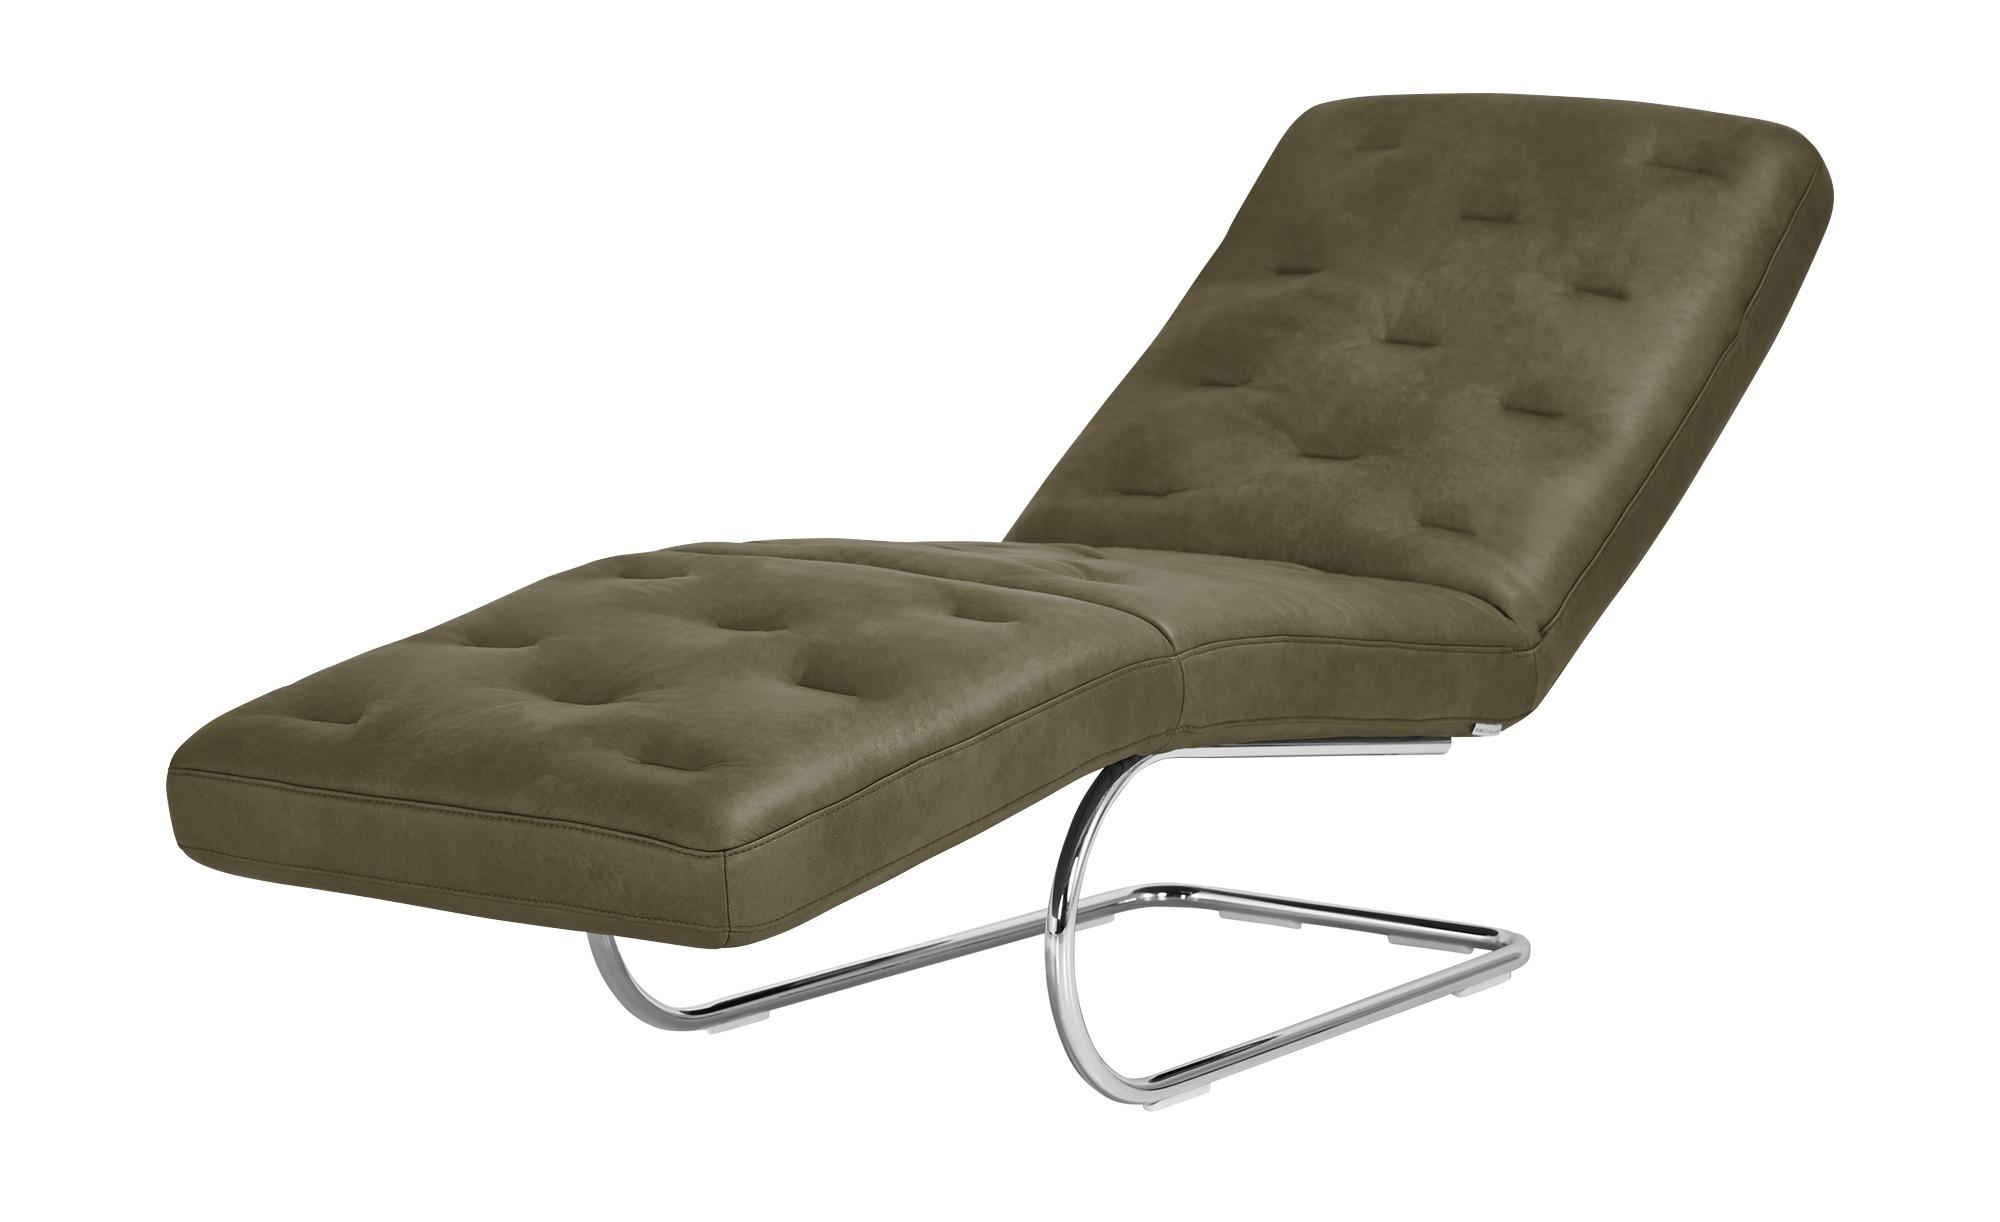 Relaxliege Leder  Sweet Dreams ¦ grün ¦ Maße (cm): B: 65 H: 91 T: 200 Polstermöbel > Relaxliegen - Höffner | Wohnzimmer > Sessel > Relaxliegen | Möbel Höffner DE